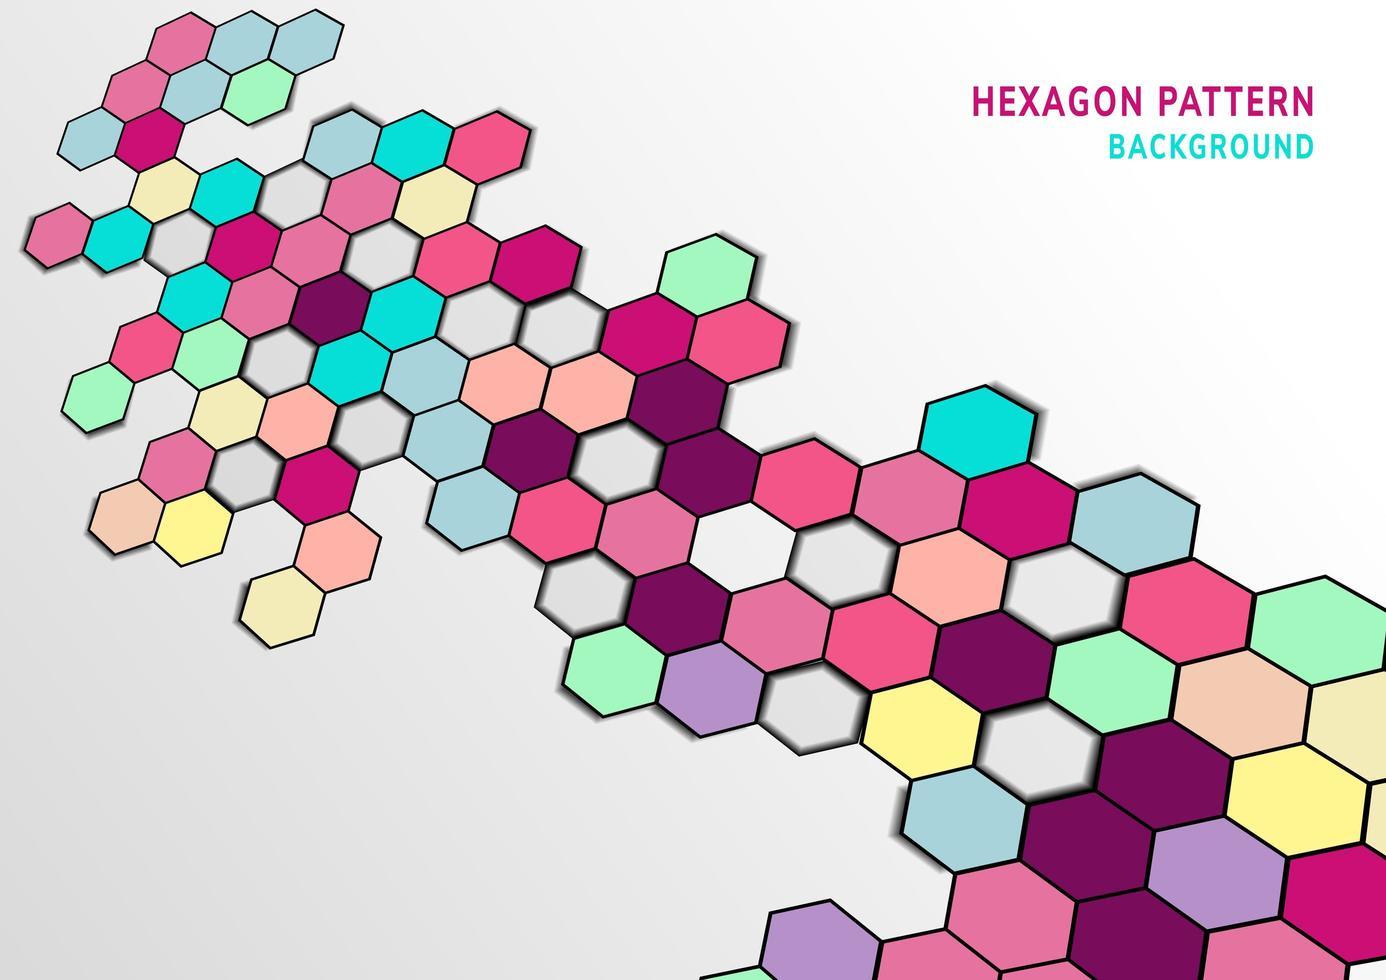 kleurrijke zeshoek patroon in elkaar grijpende vormen achtergrond vector